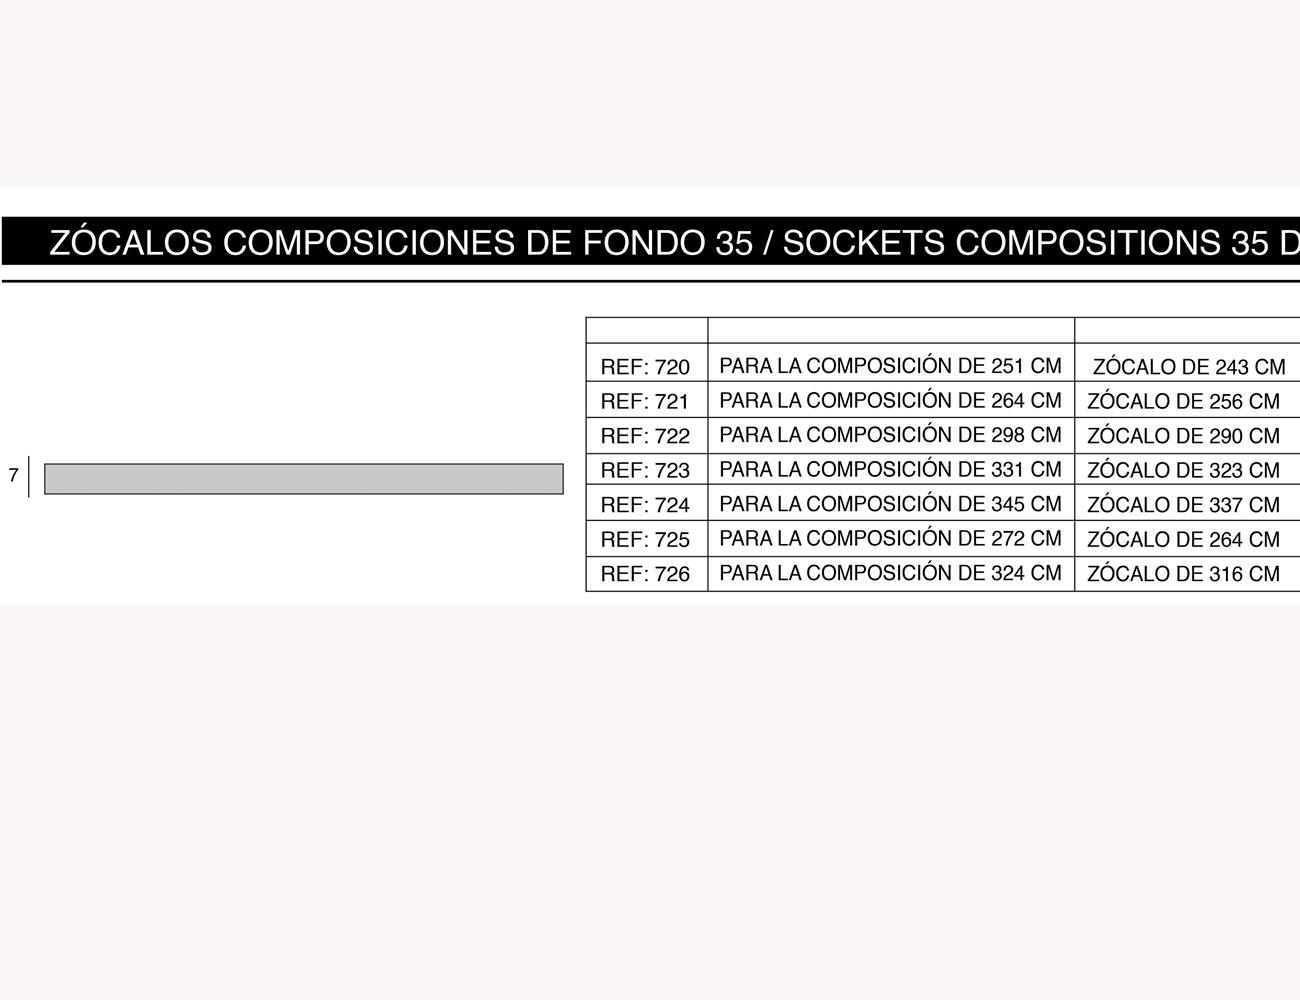 Zocalos composiciones fondo 352